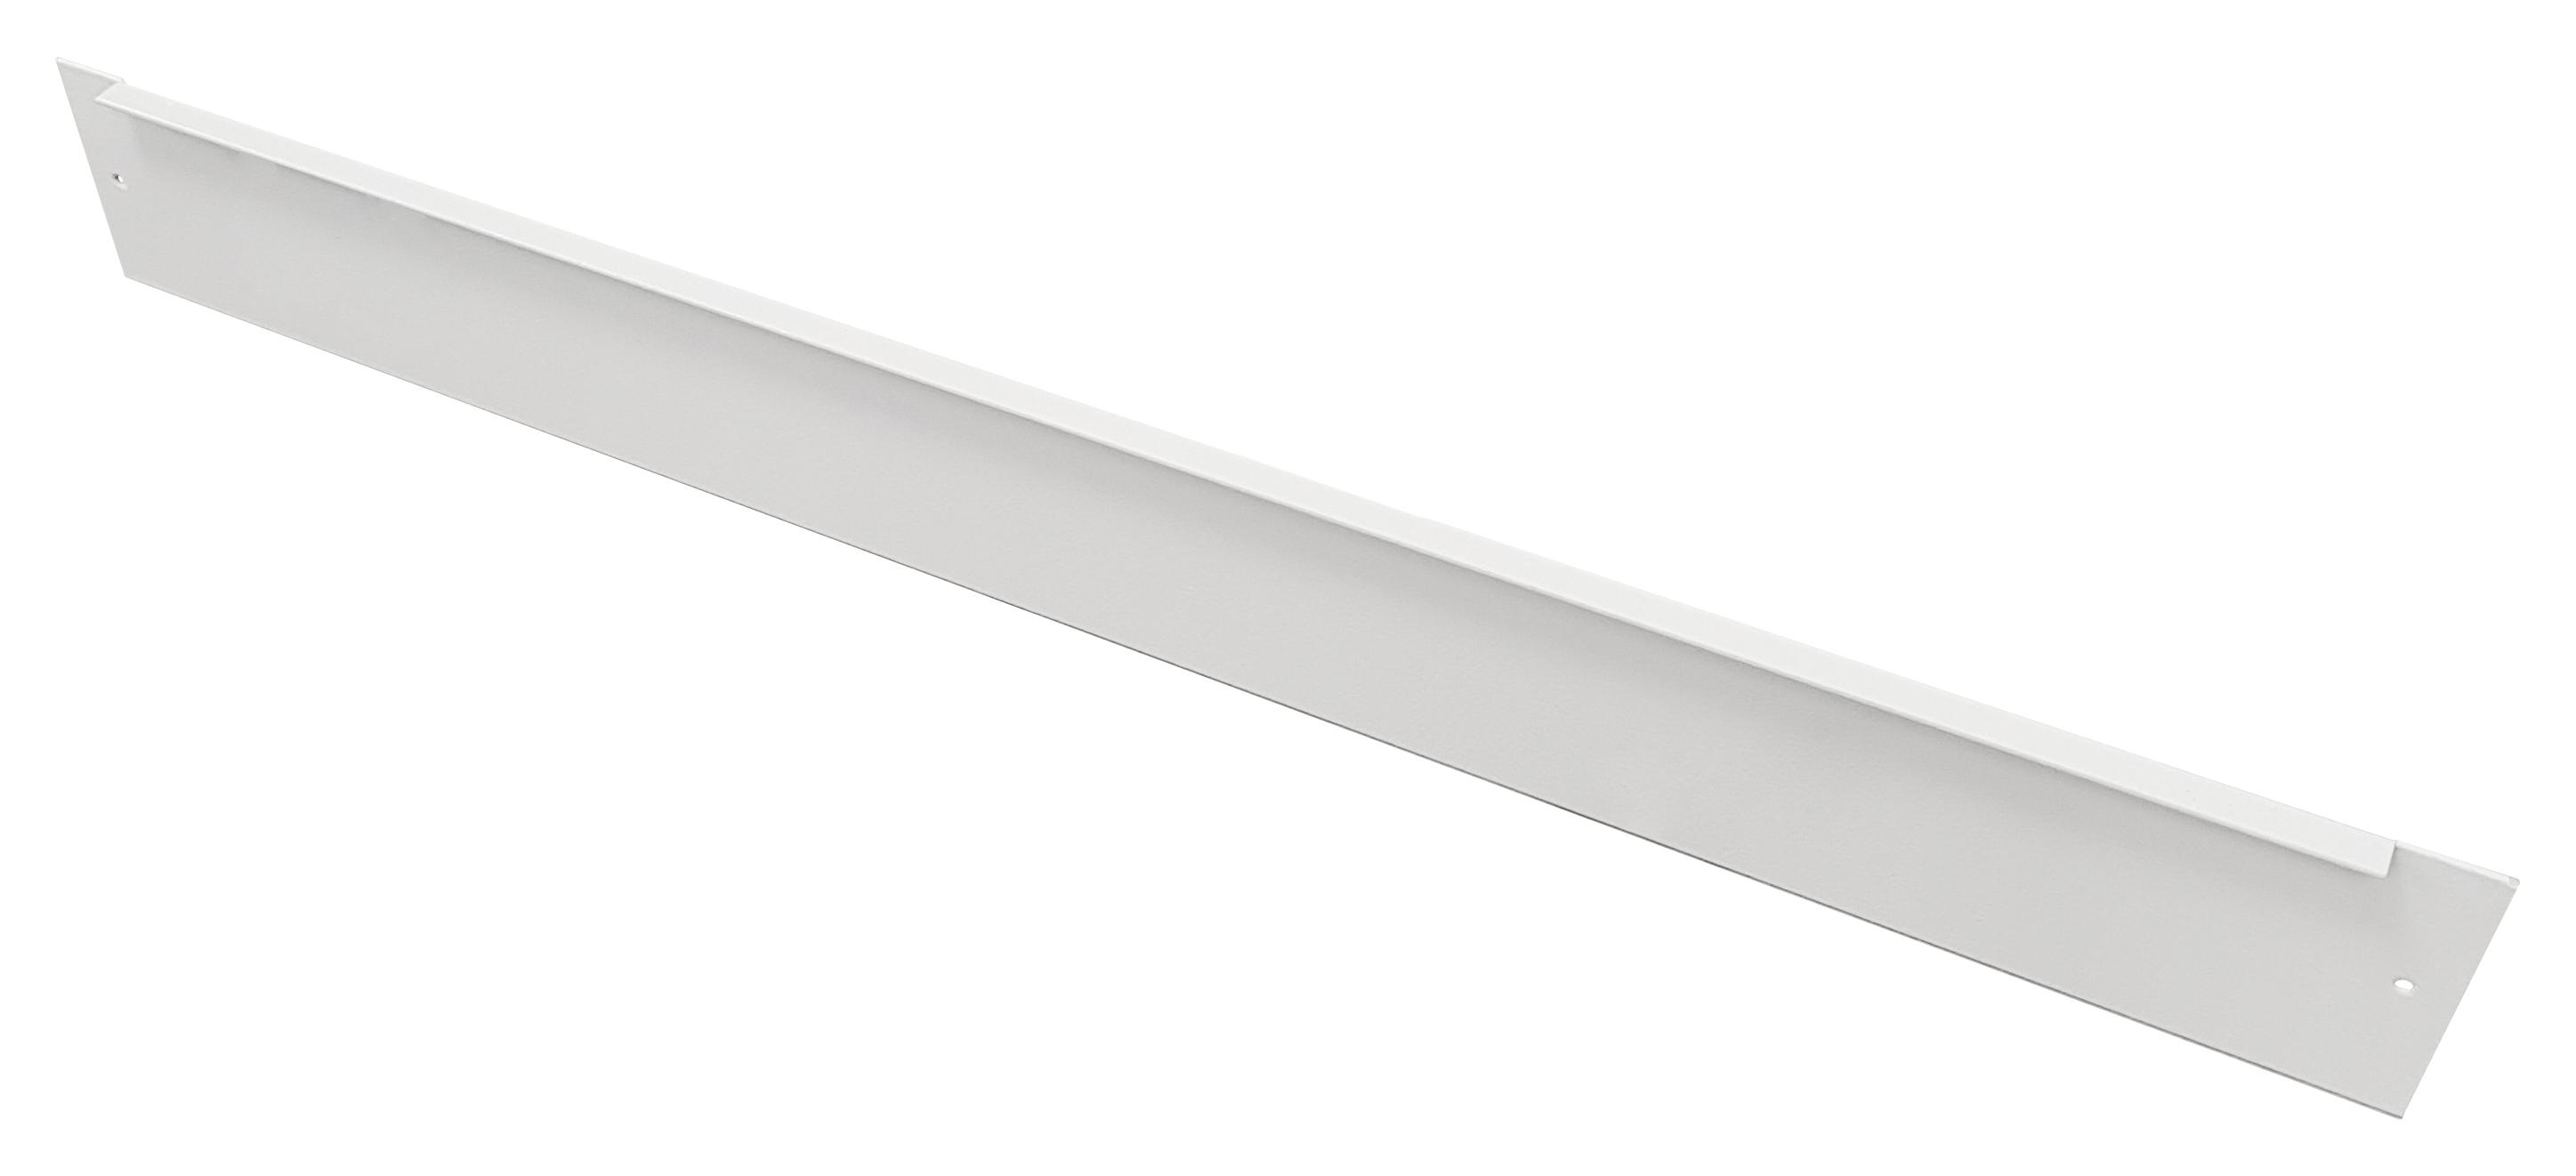 1 Stk Sockel-Frontrahmen für AP-Verteiler Breite 2 IL091200--